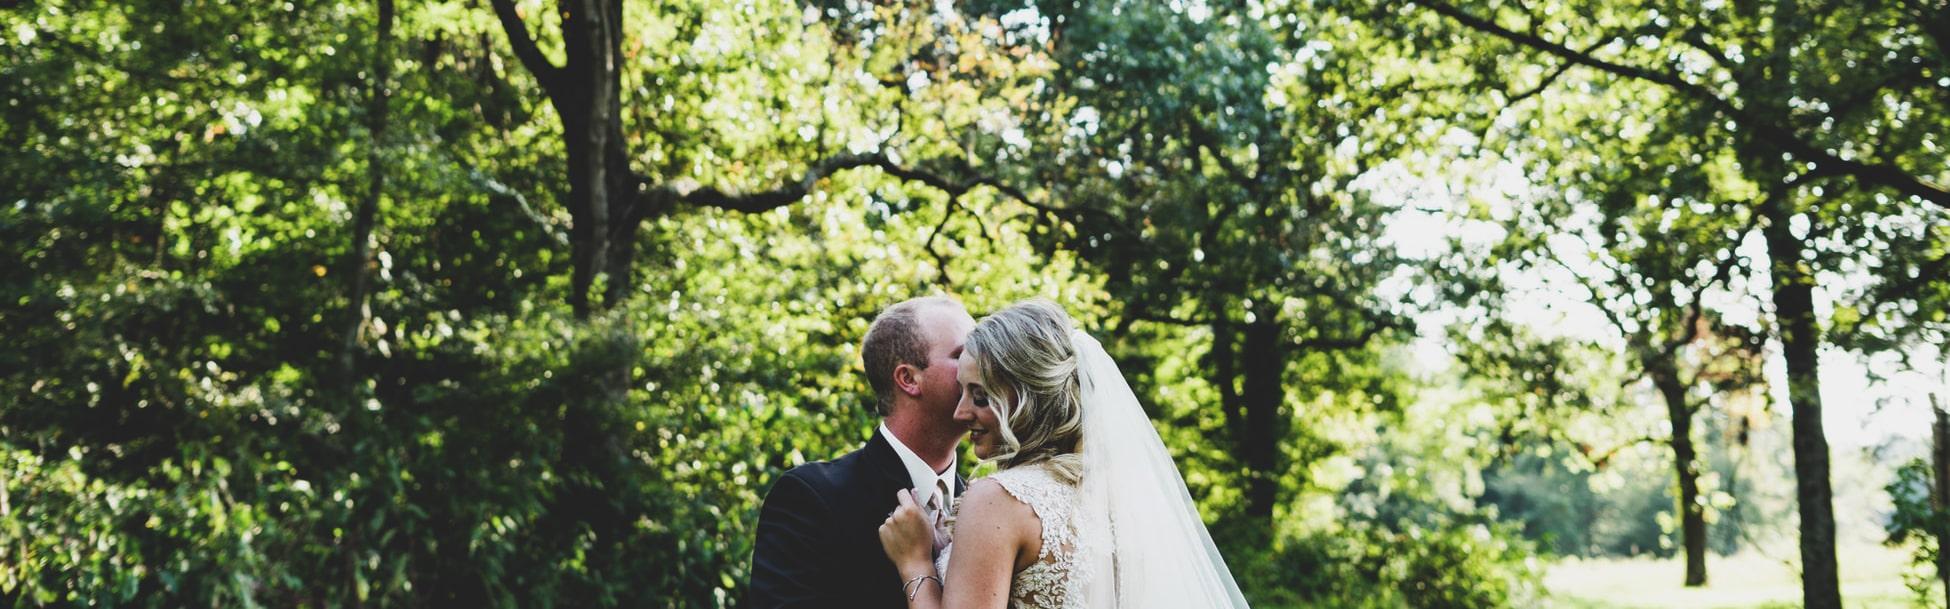 выйти замуж за любимого